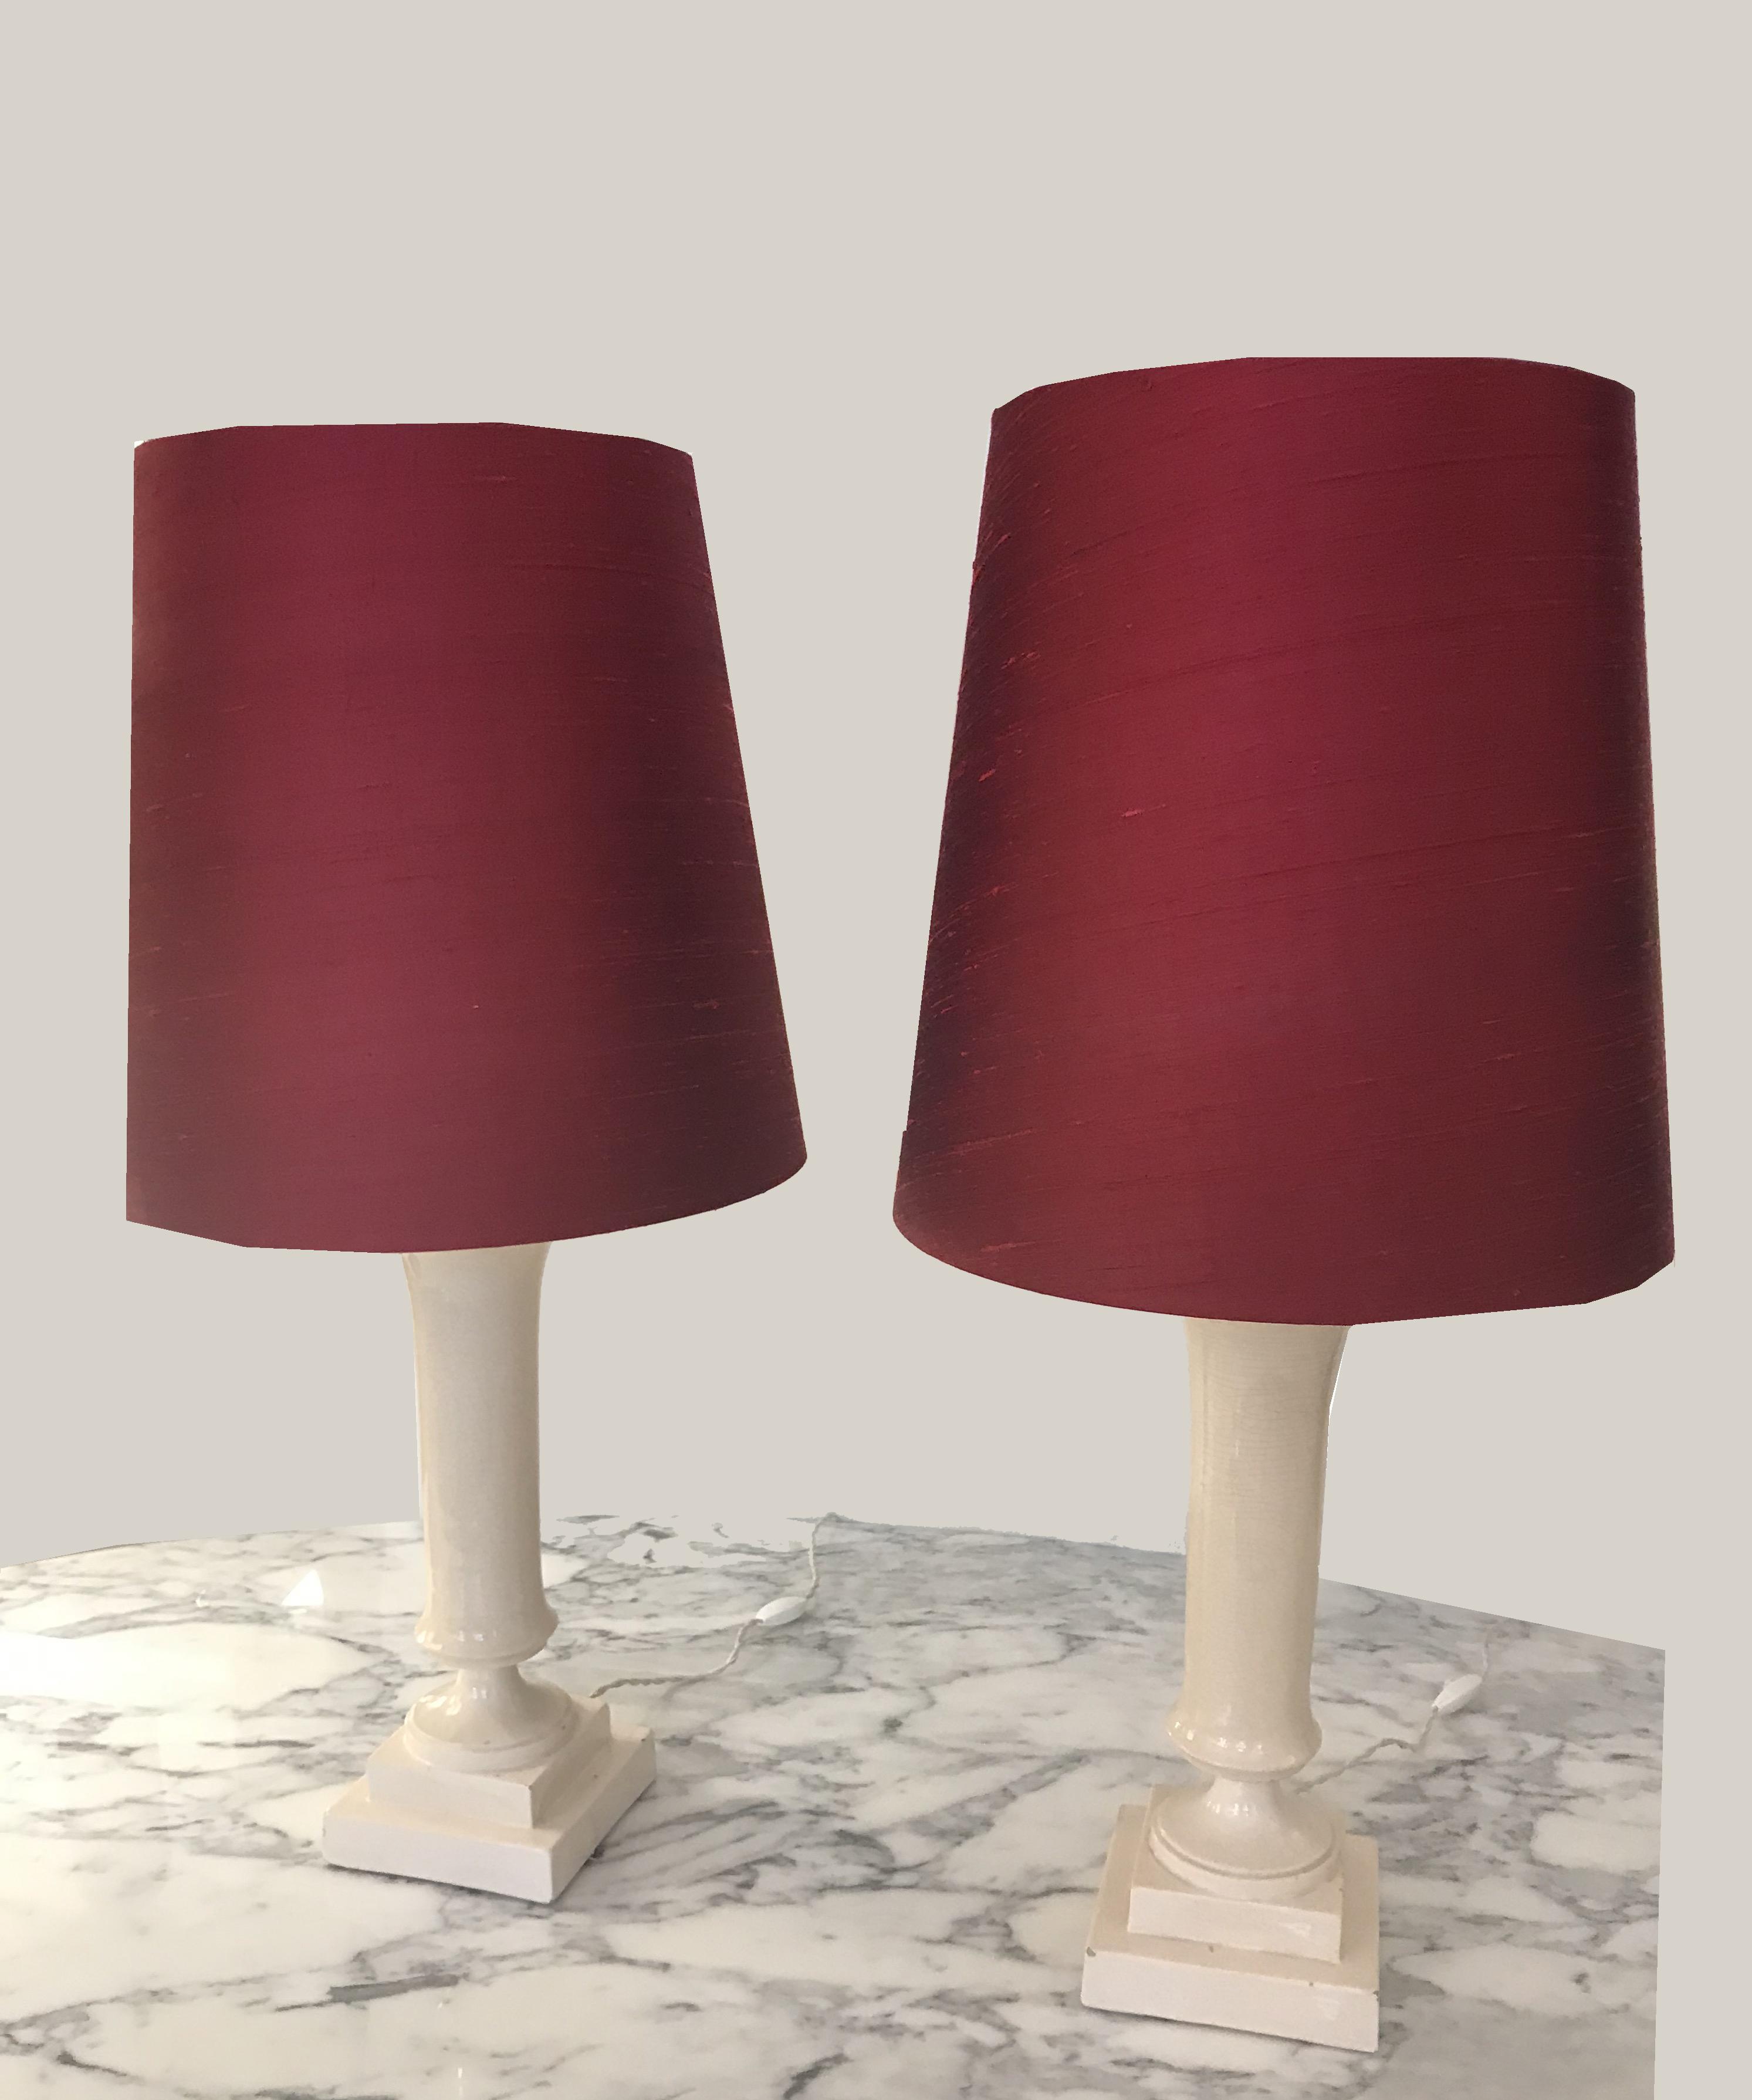 Paire de lampes soie rouge